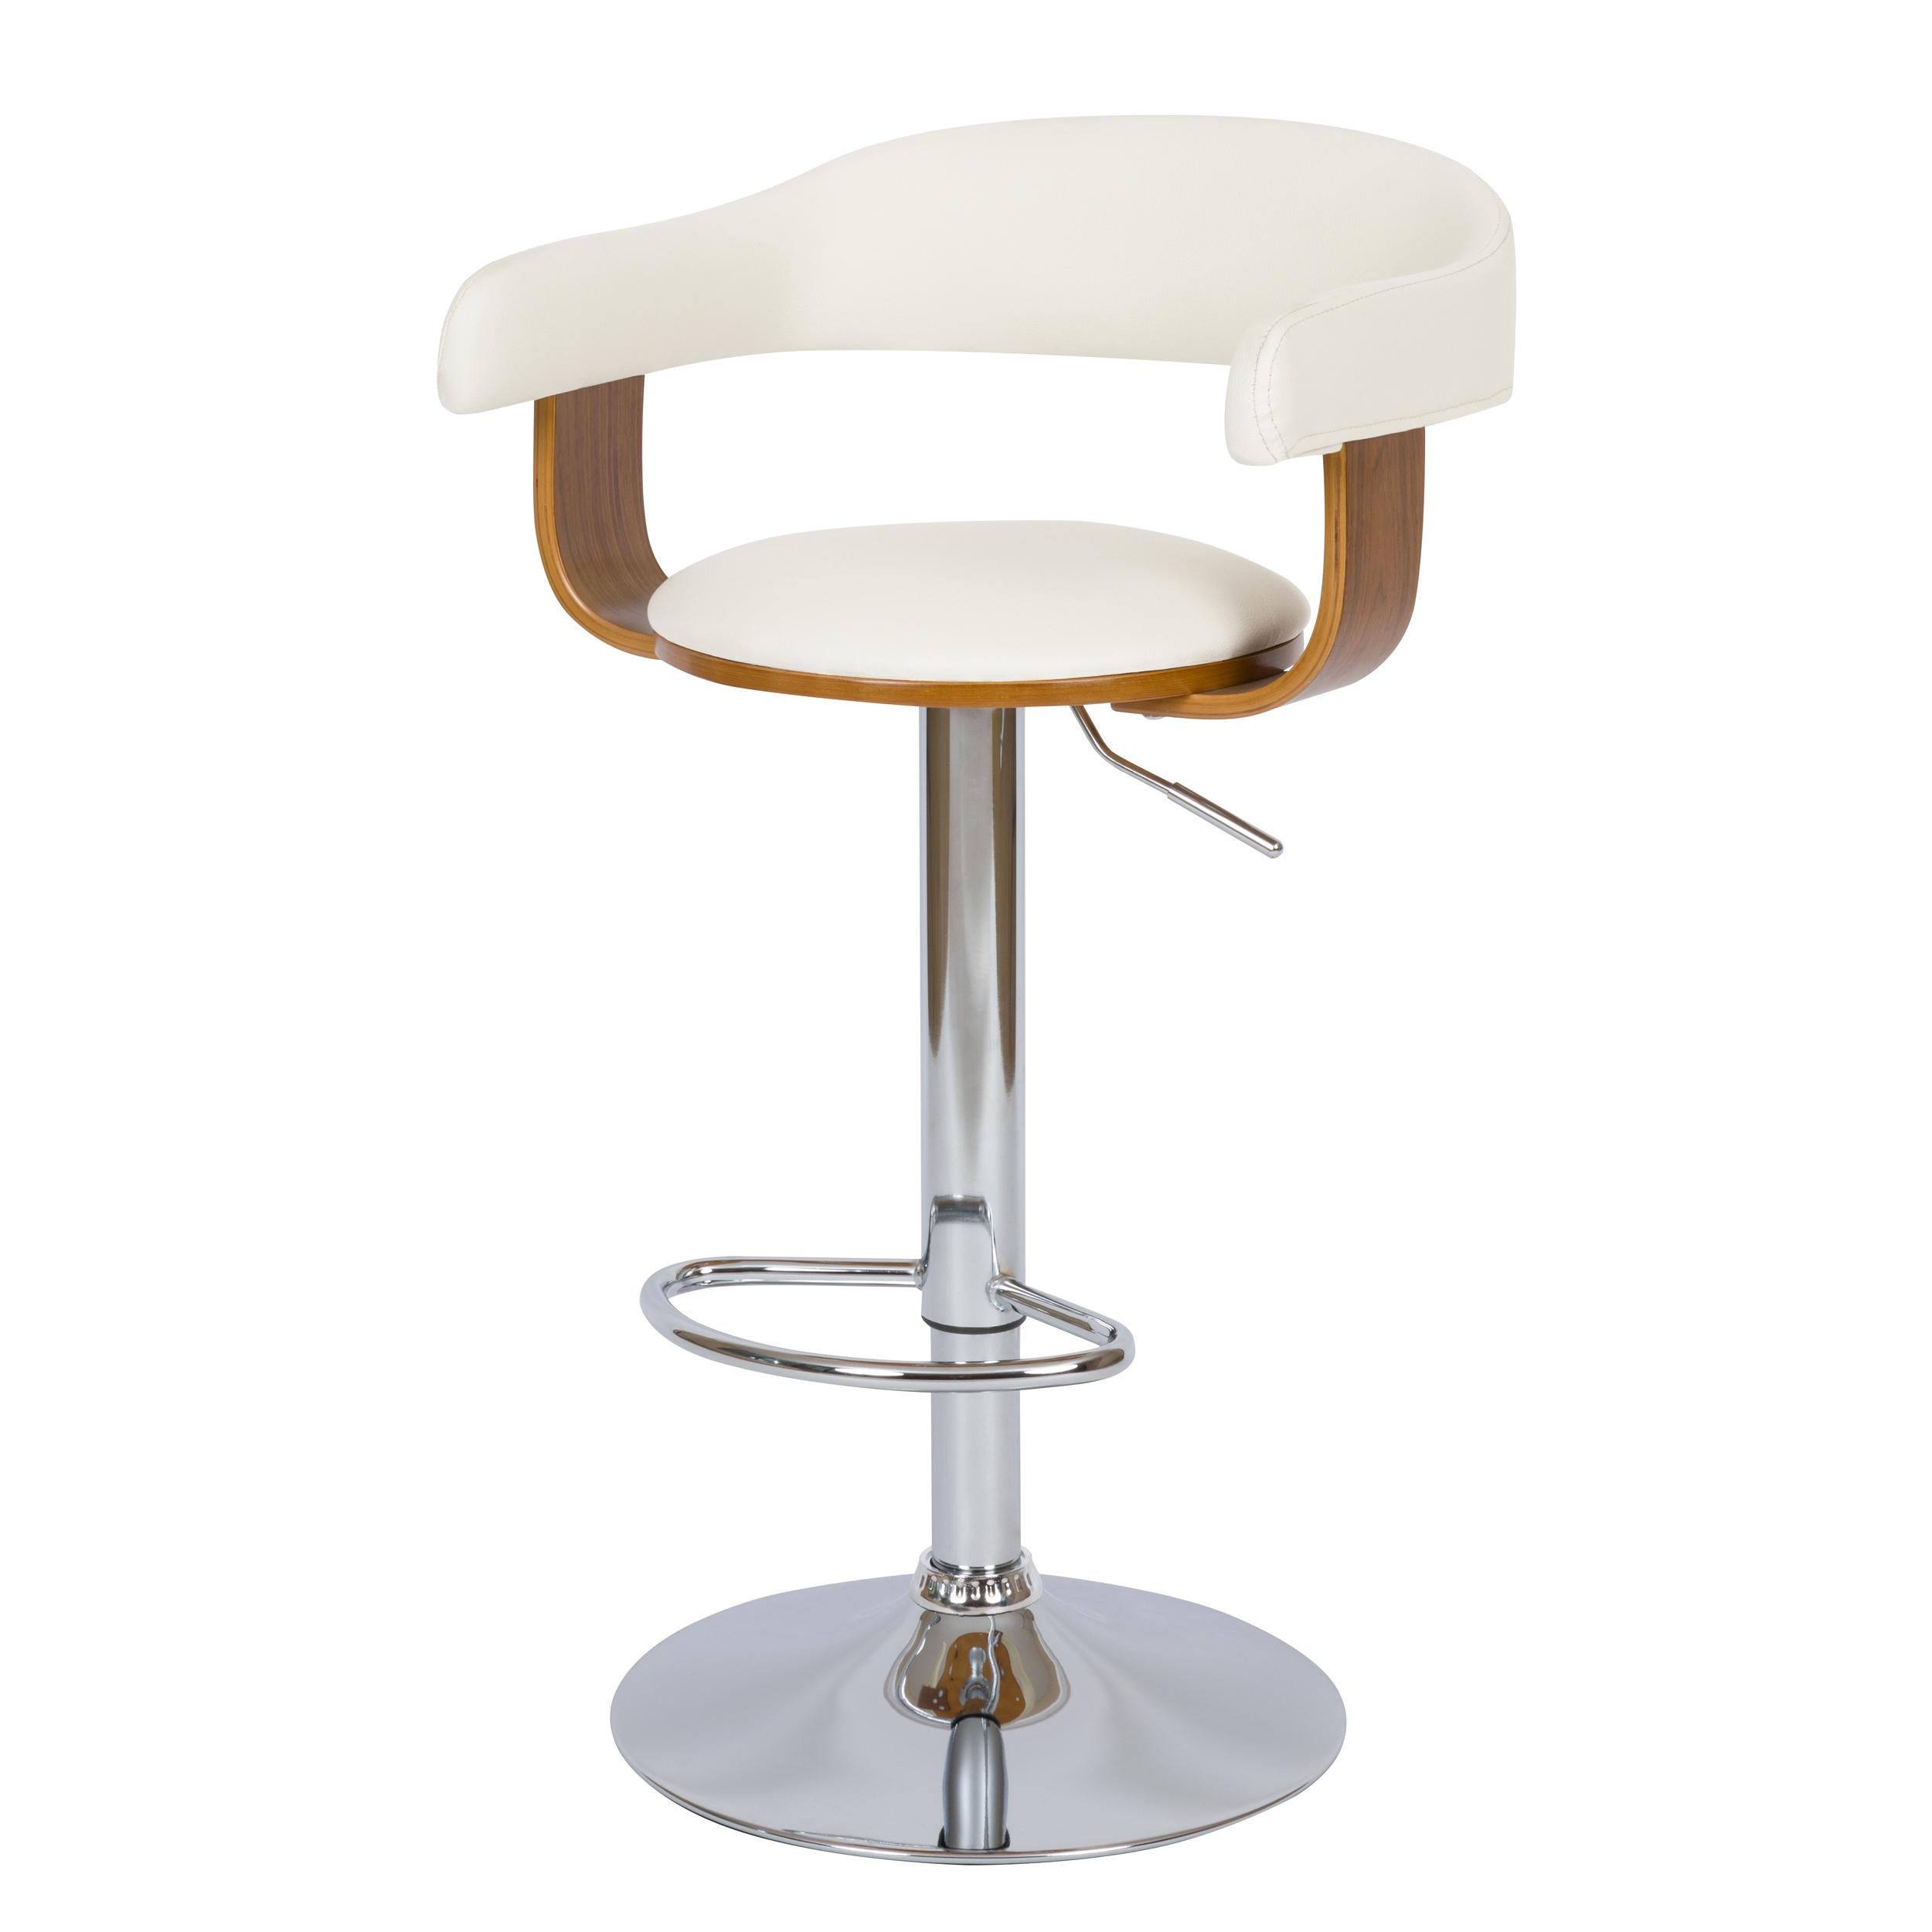 Chaise de bar réglable 59/79 cm en cuir synthétique blanc